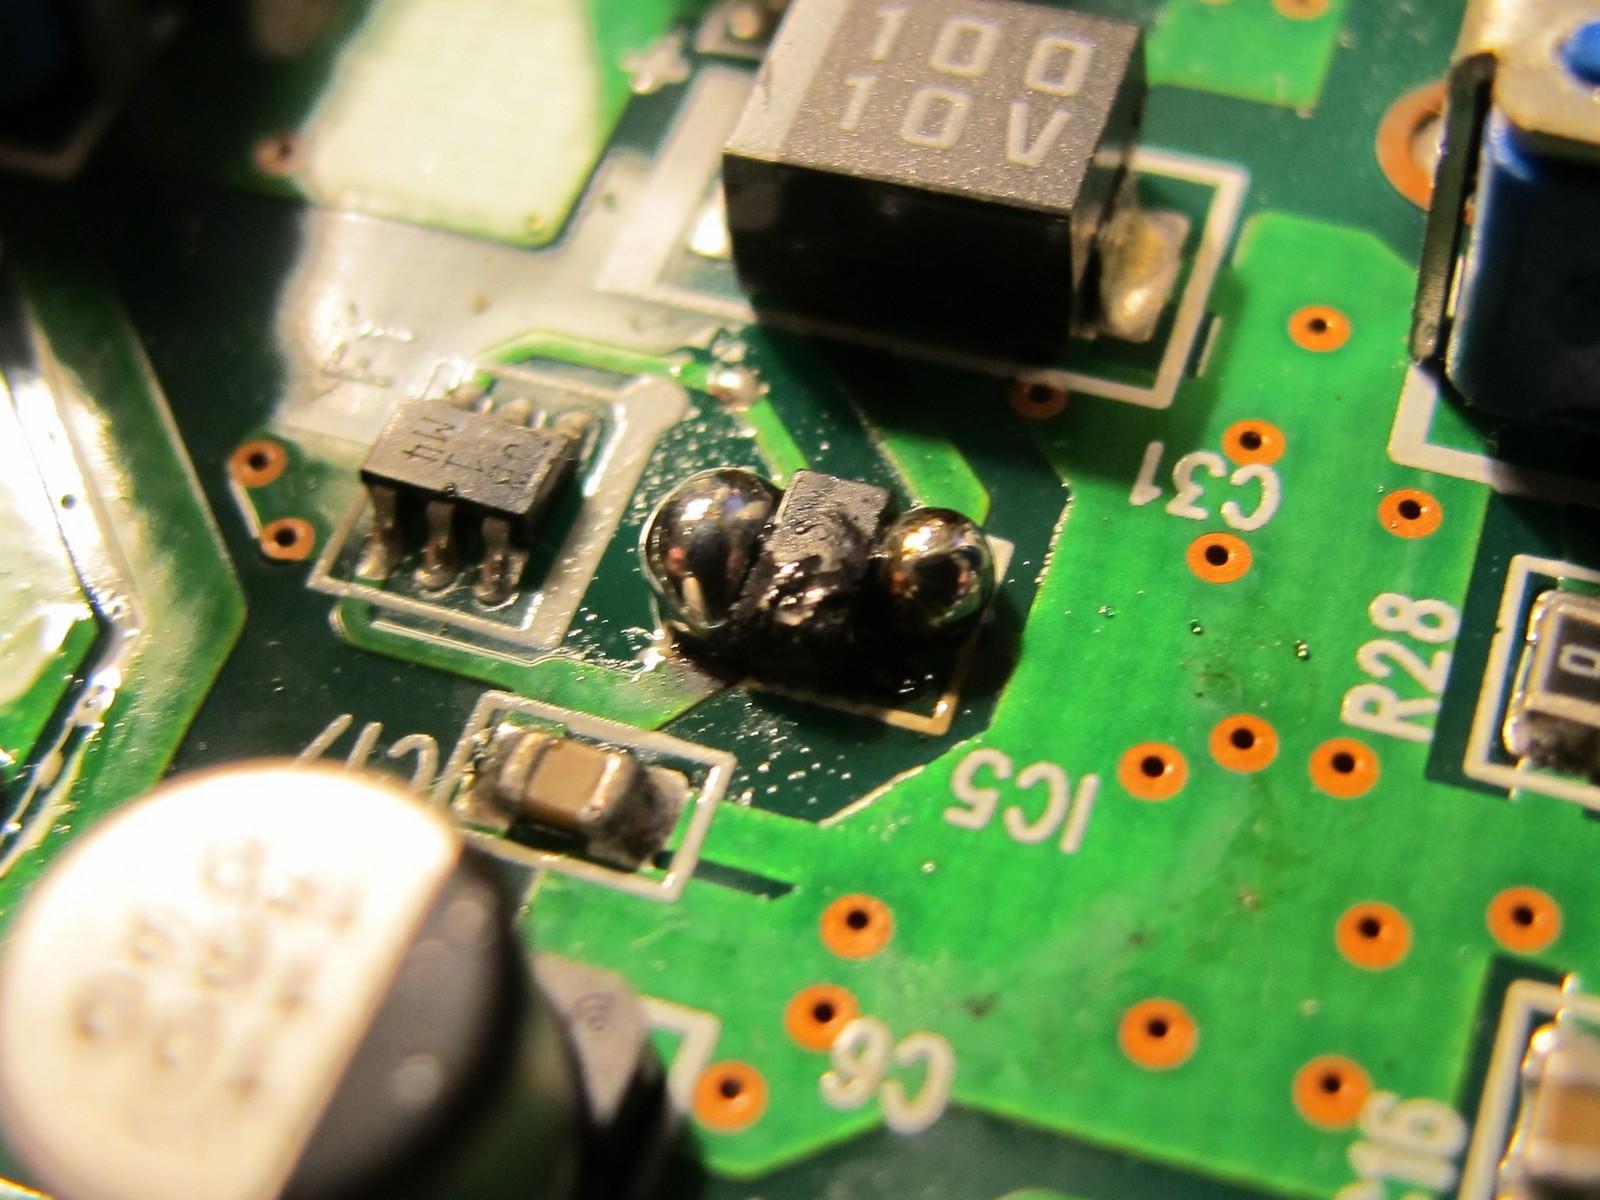 Blobs of solder around IC5